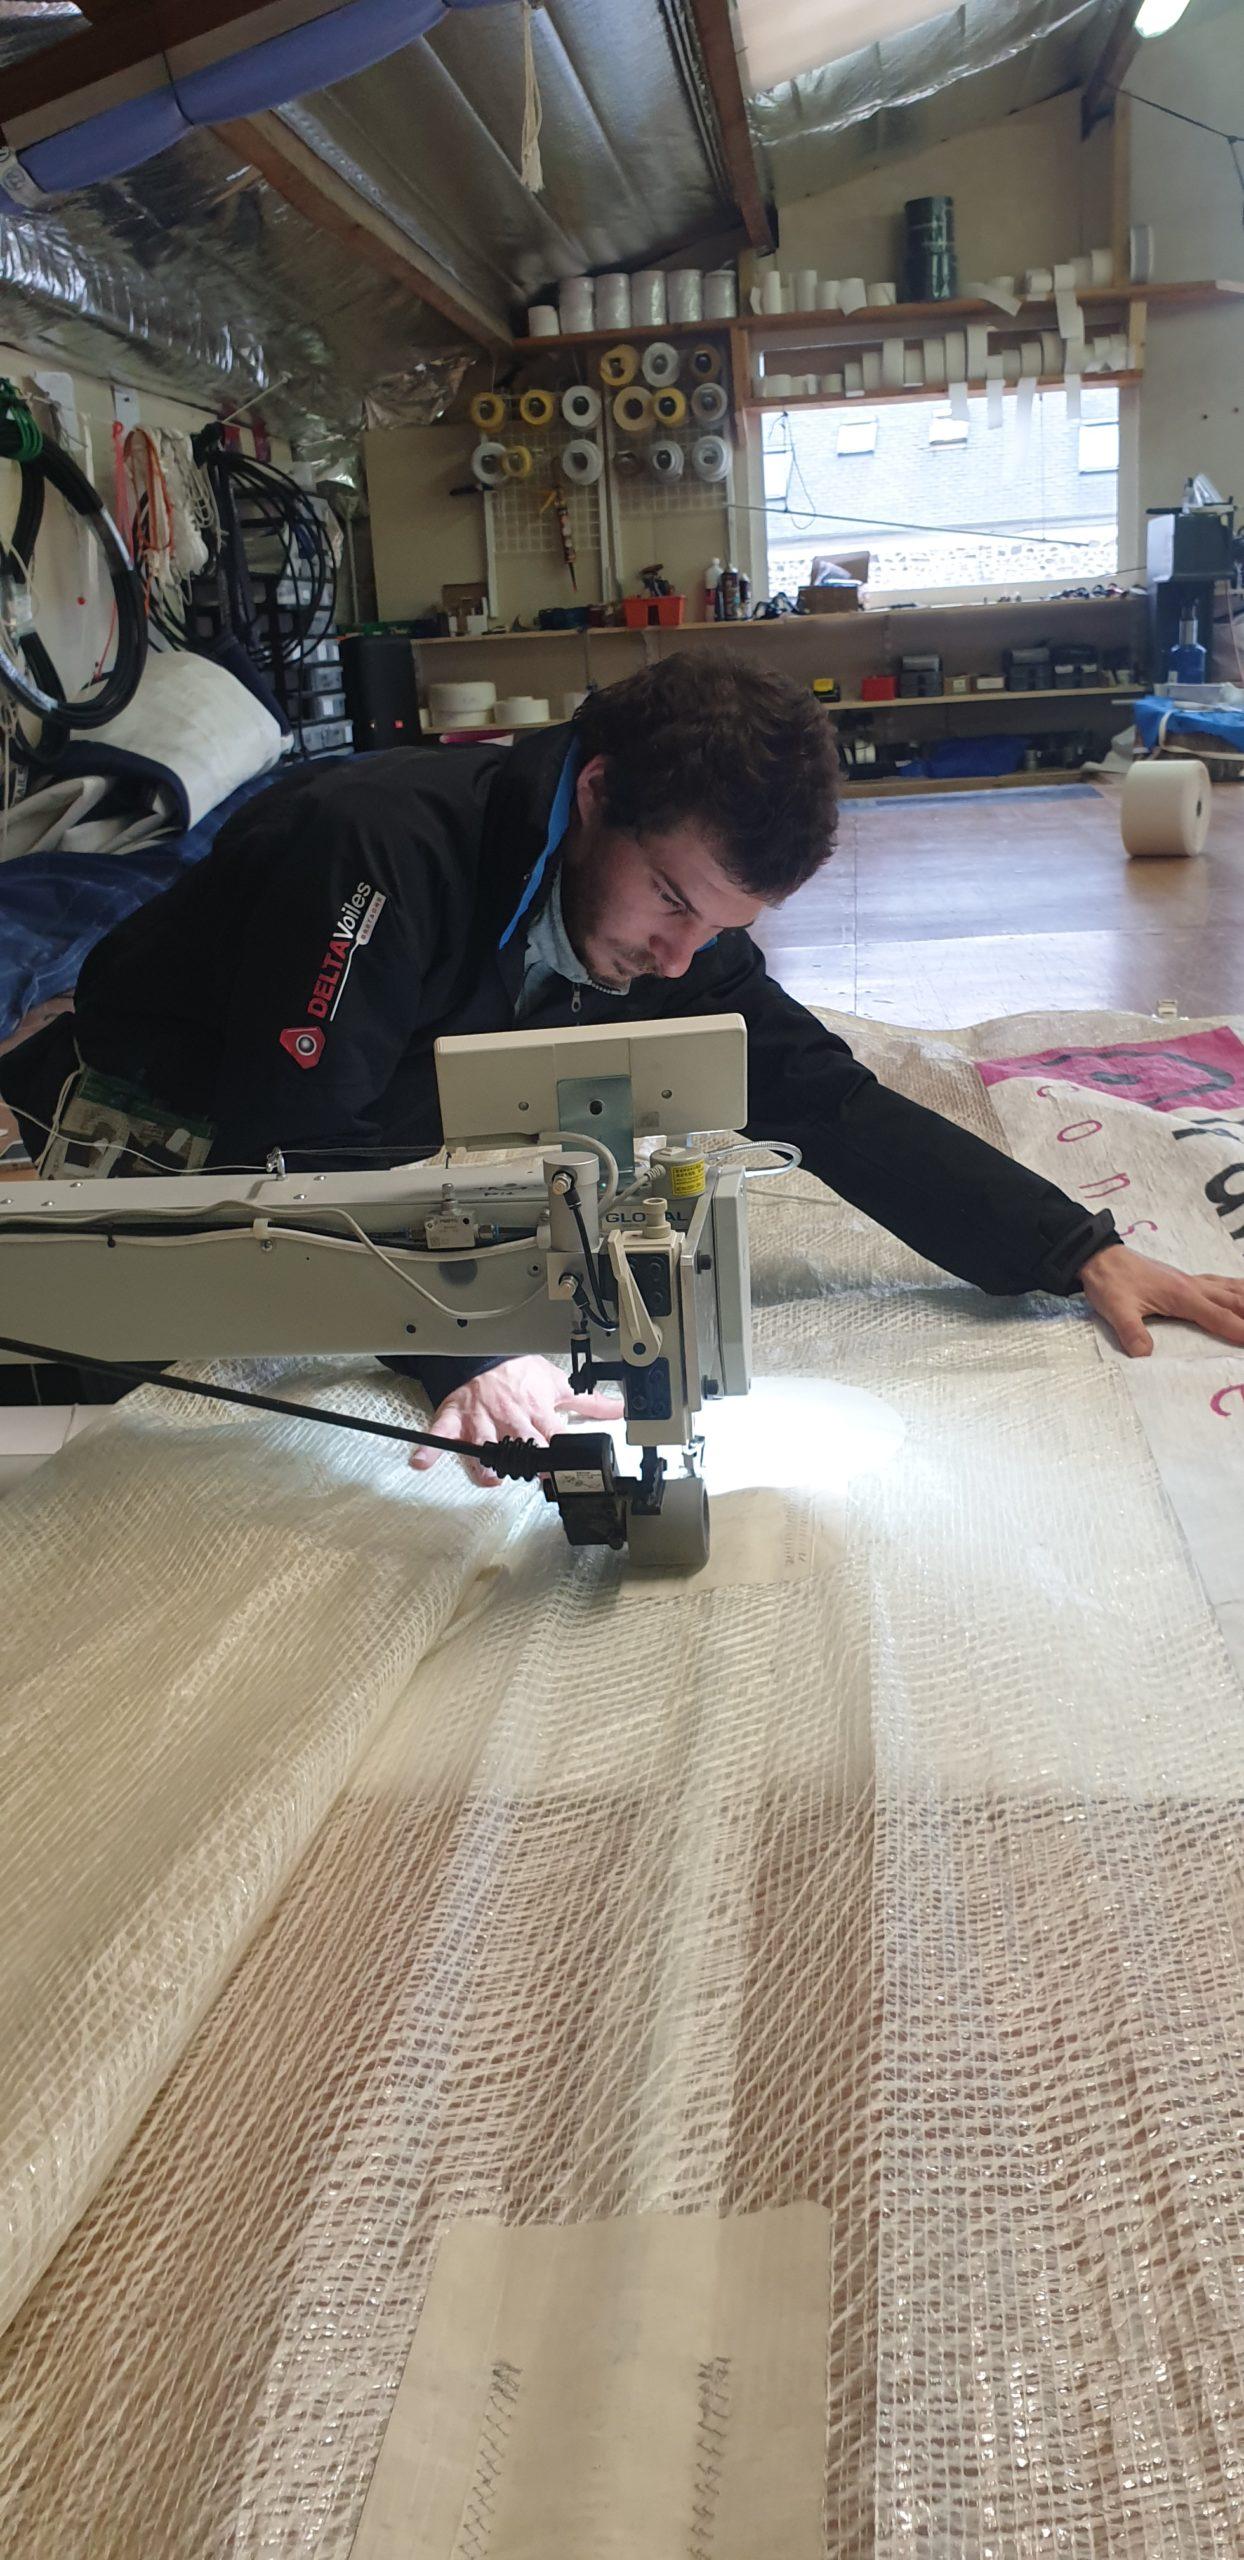 Réparation d'une voile avec la machine par Hugo